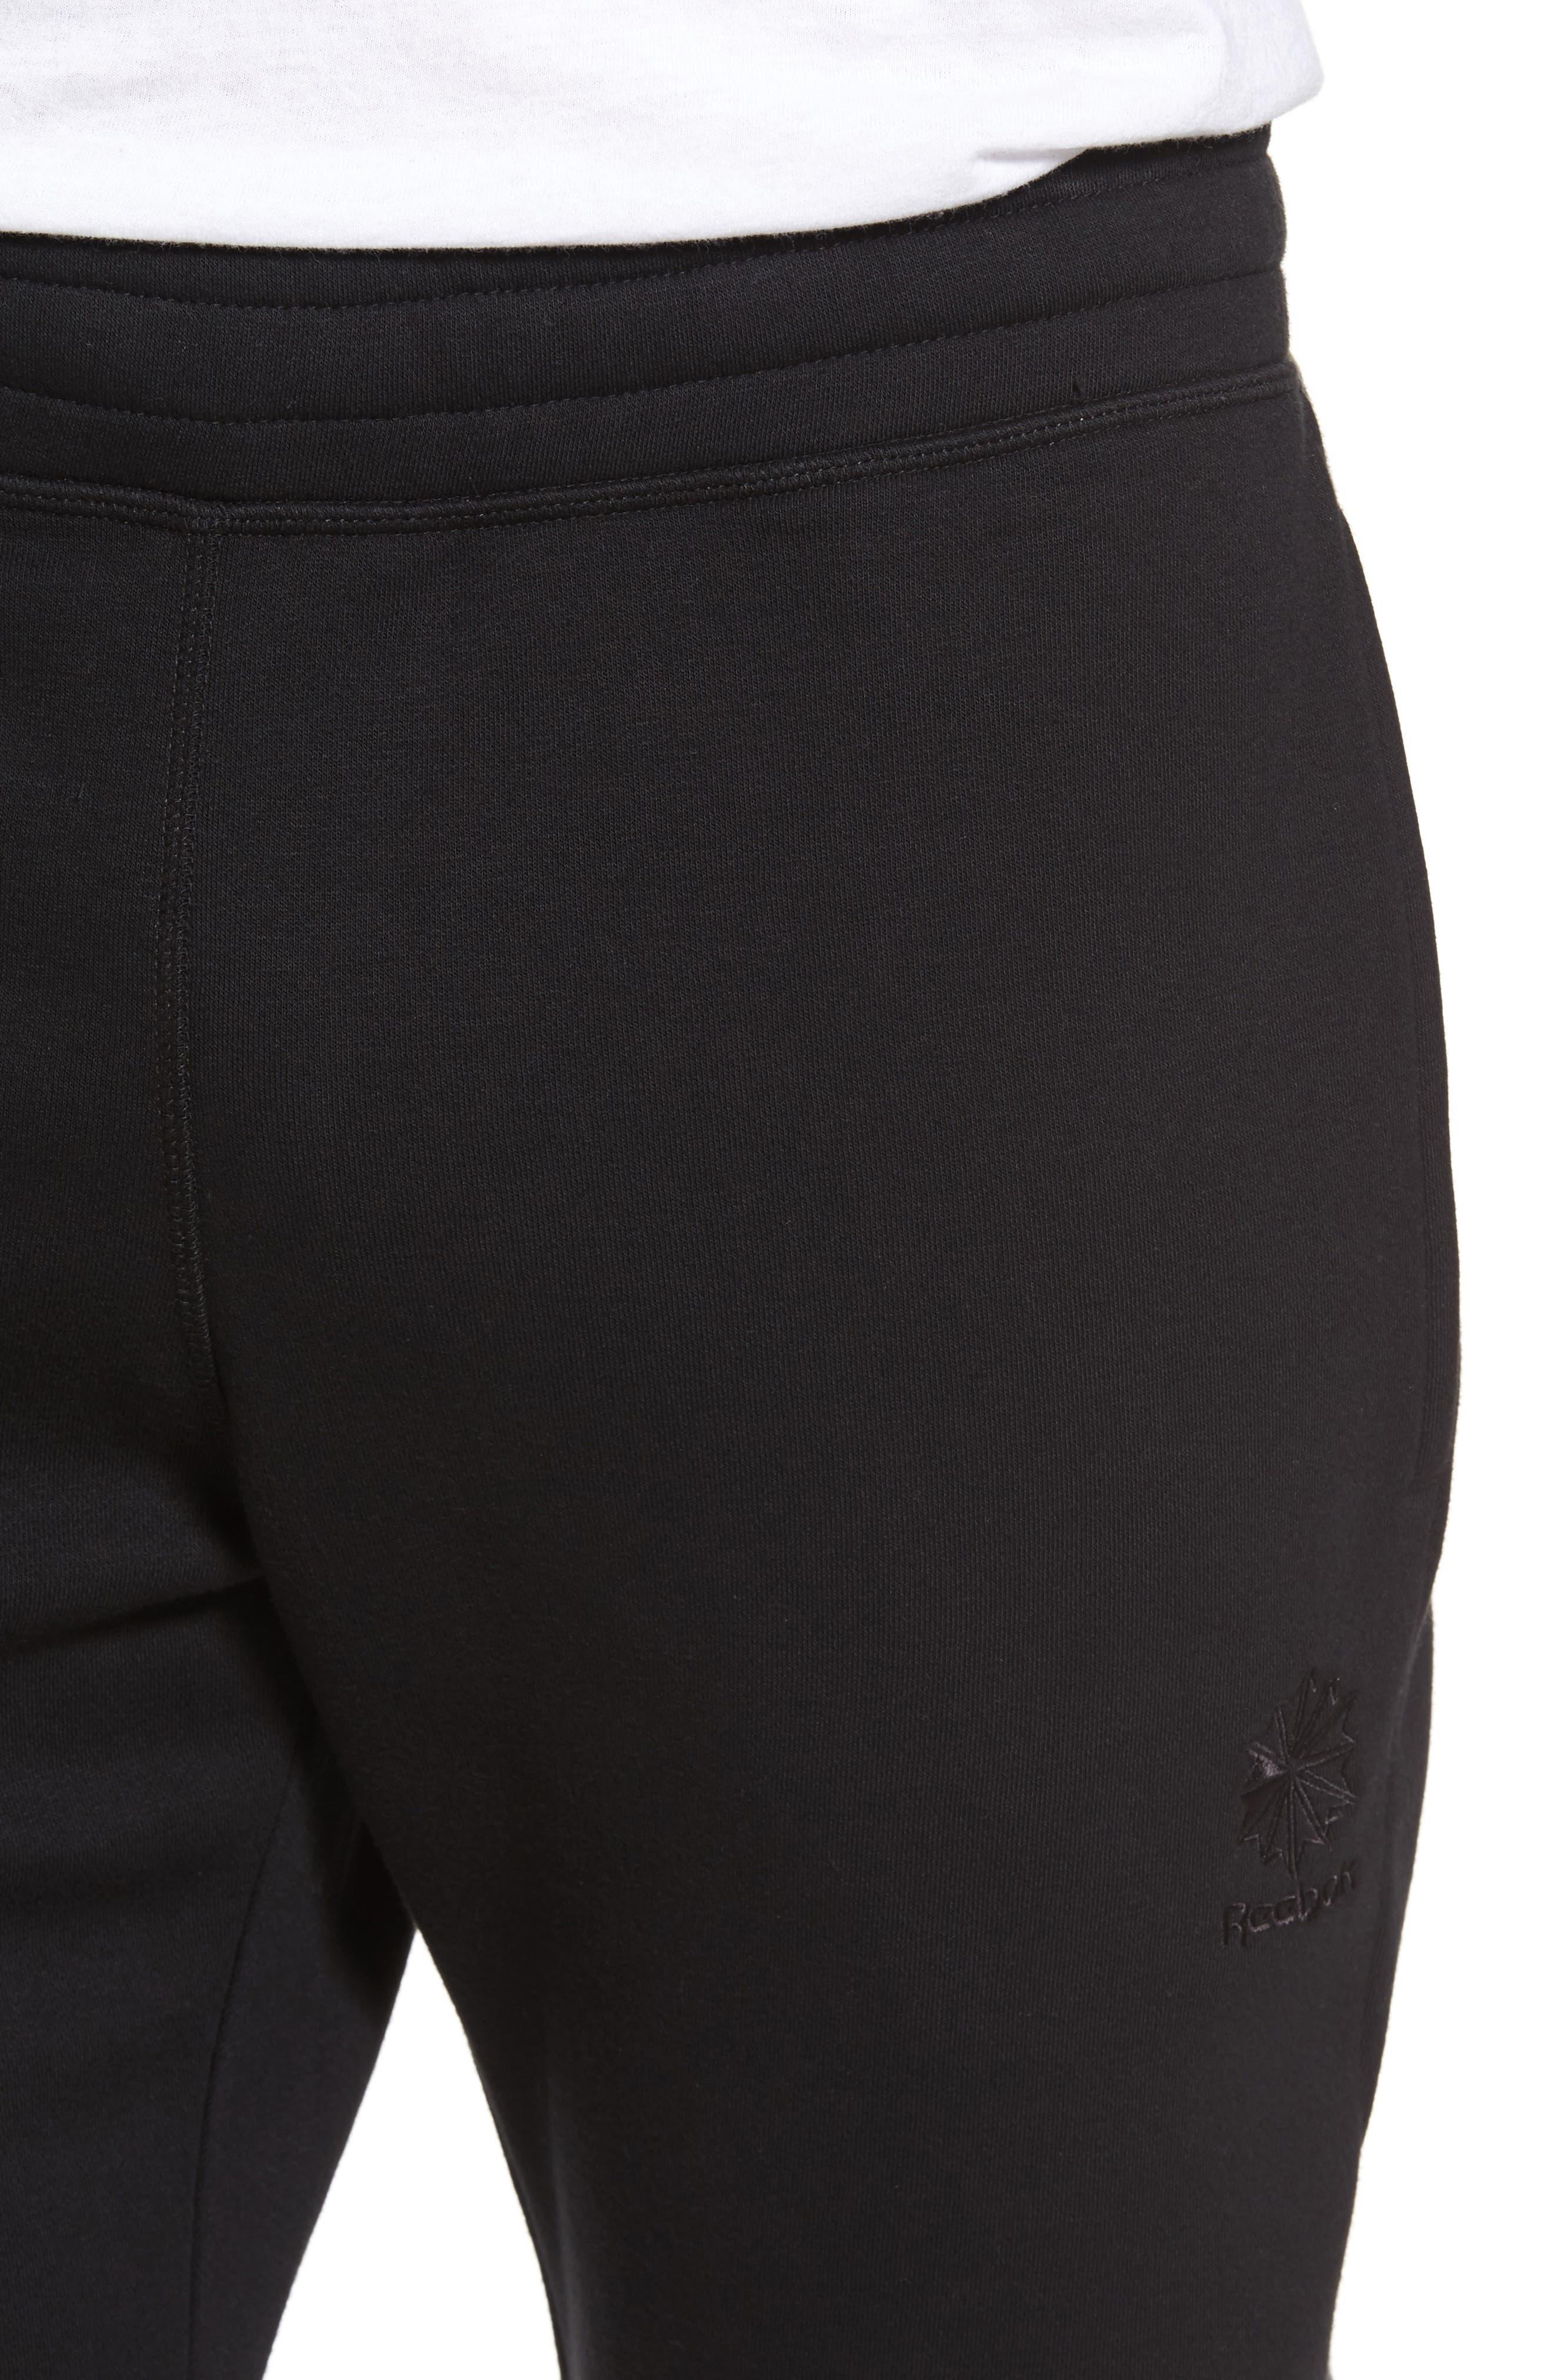 Classic Franchise Sweatpants,                             Alternate thumbnail 4, color,                             005